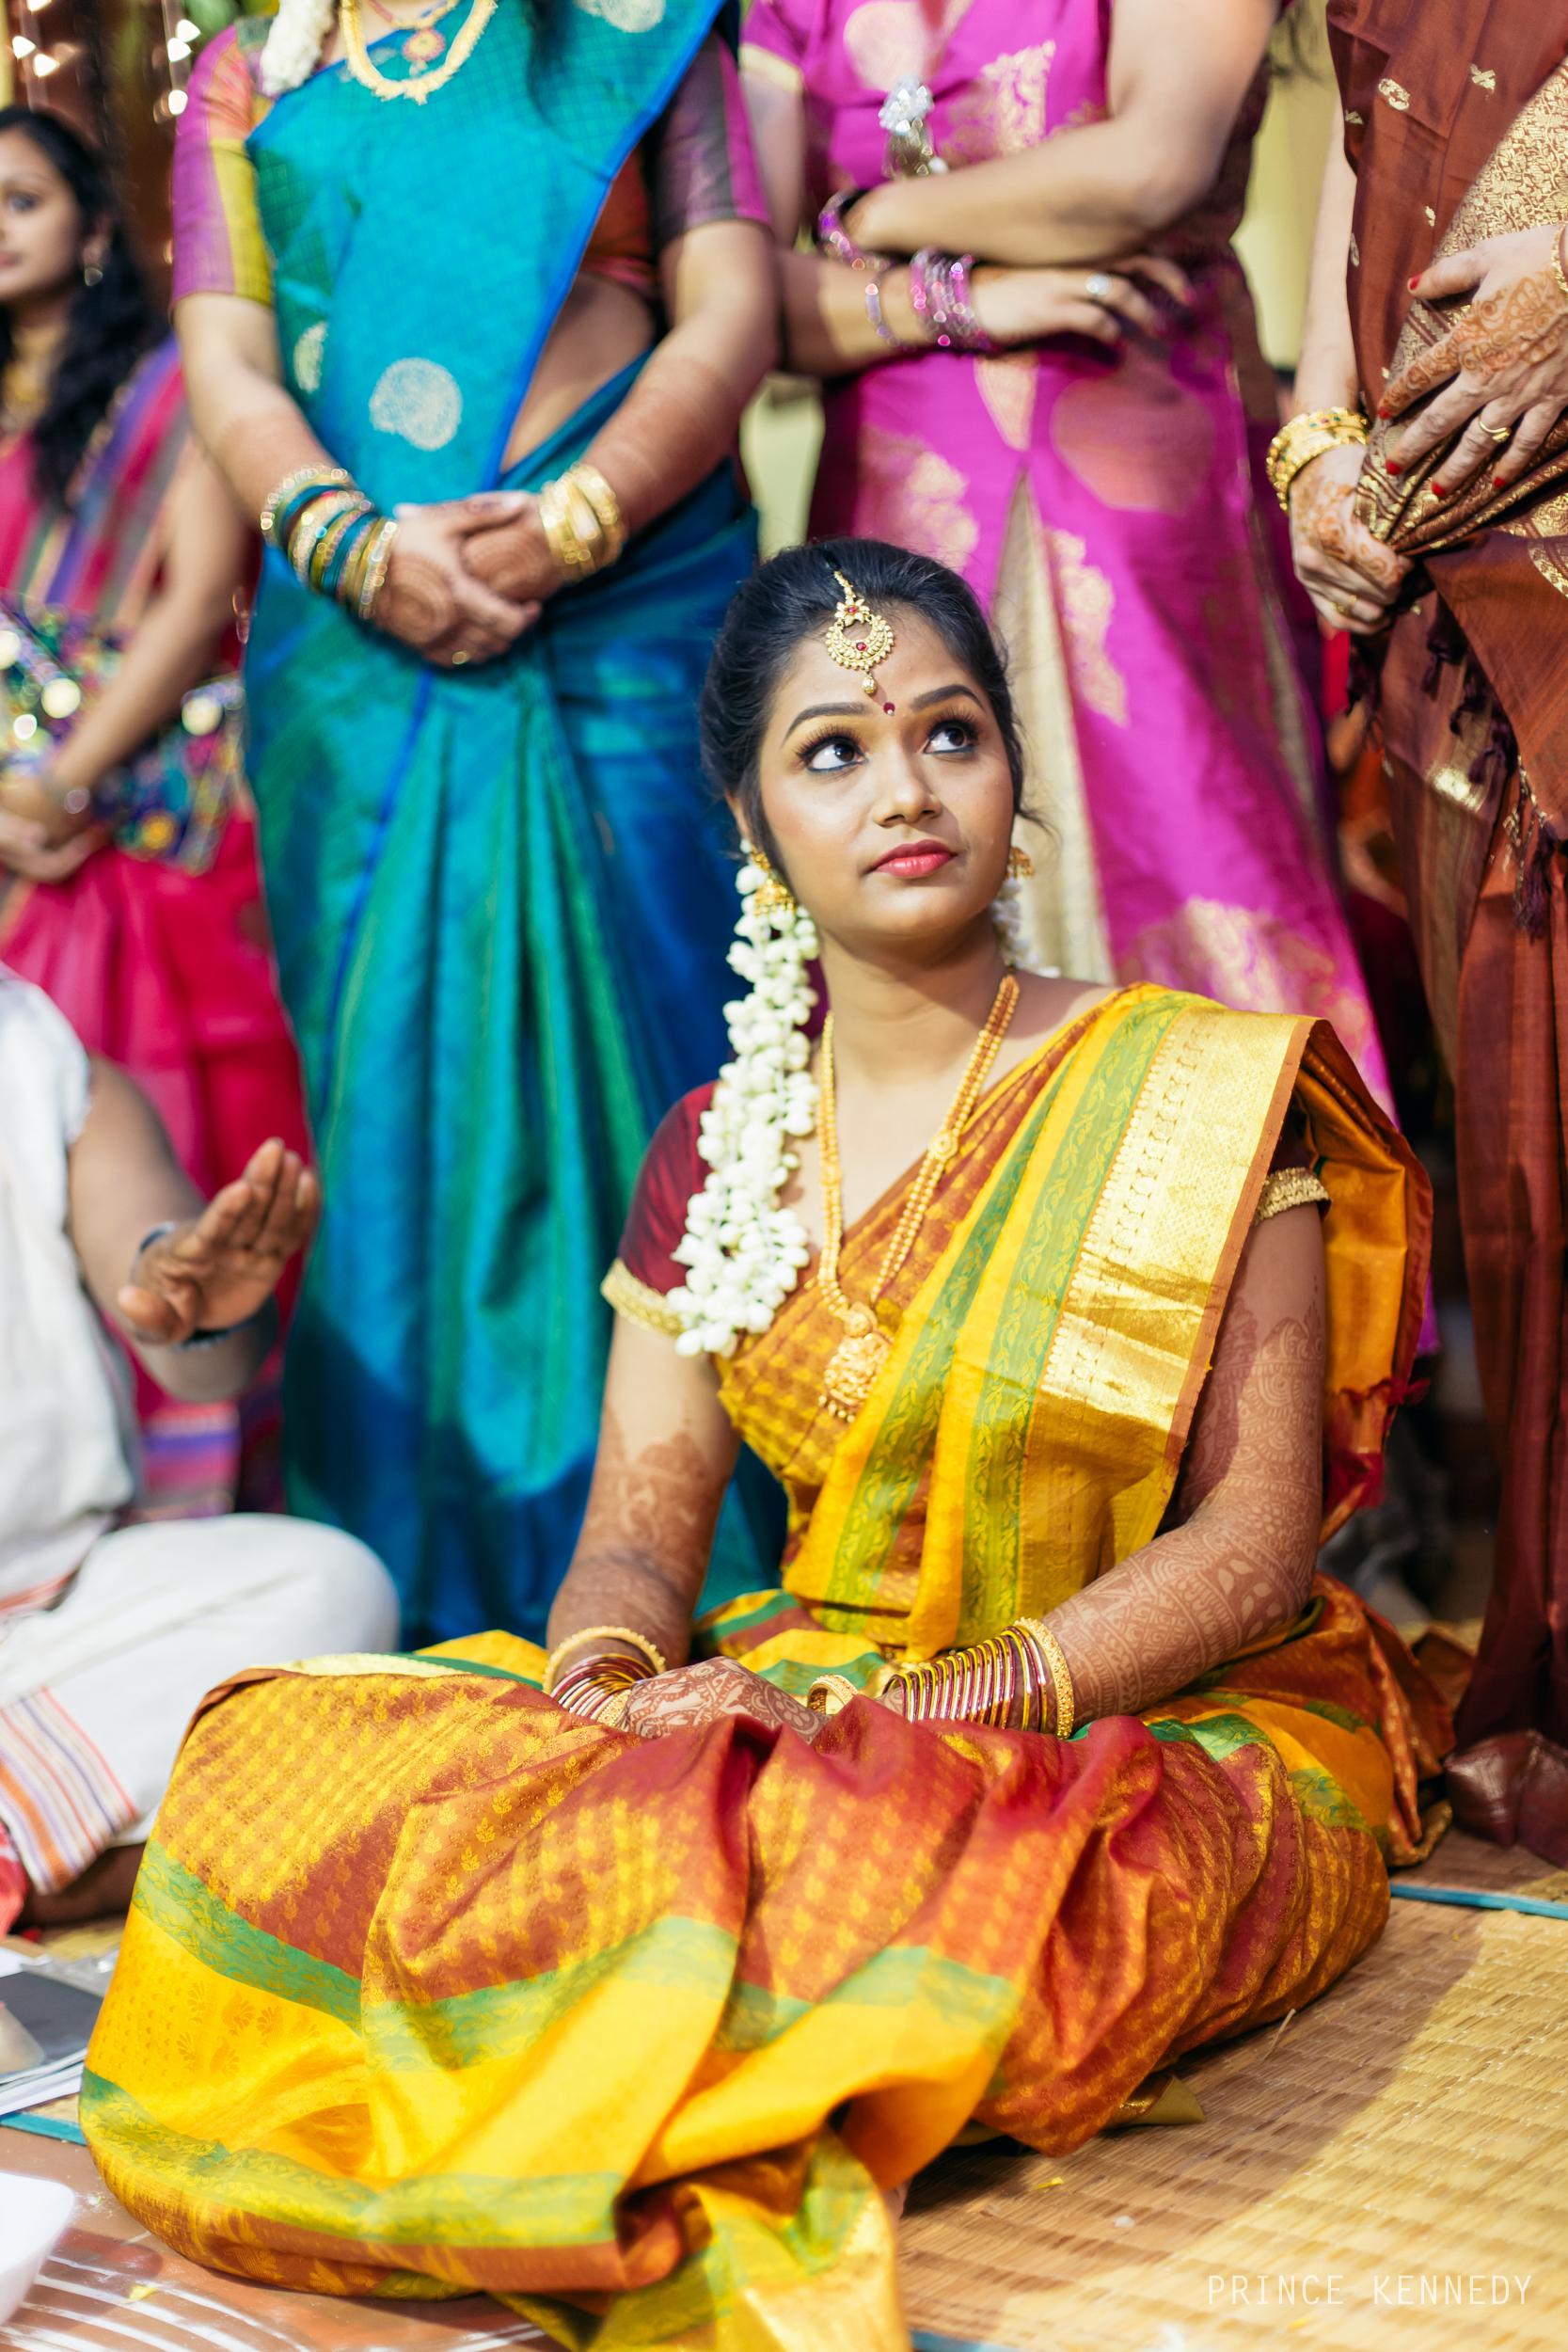 Engagement-Couple-Portrait-Portraiture-Wedding-Couple-Portrait-Chennai-Photographer-Candid-Photography-Destination-Best-Prince-Kennedy-Photography-158.jpg